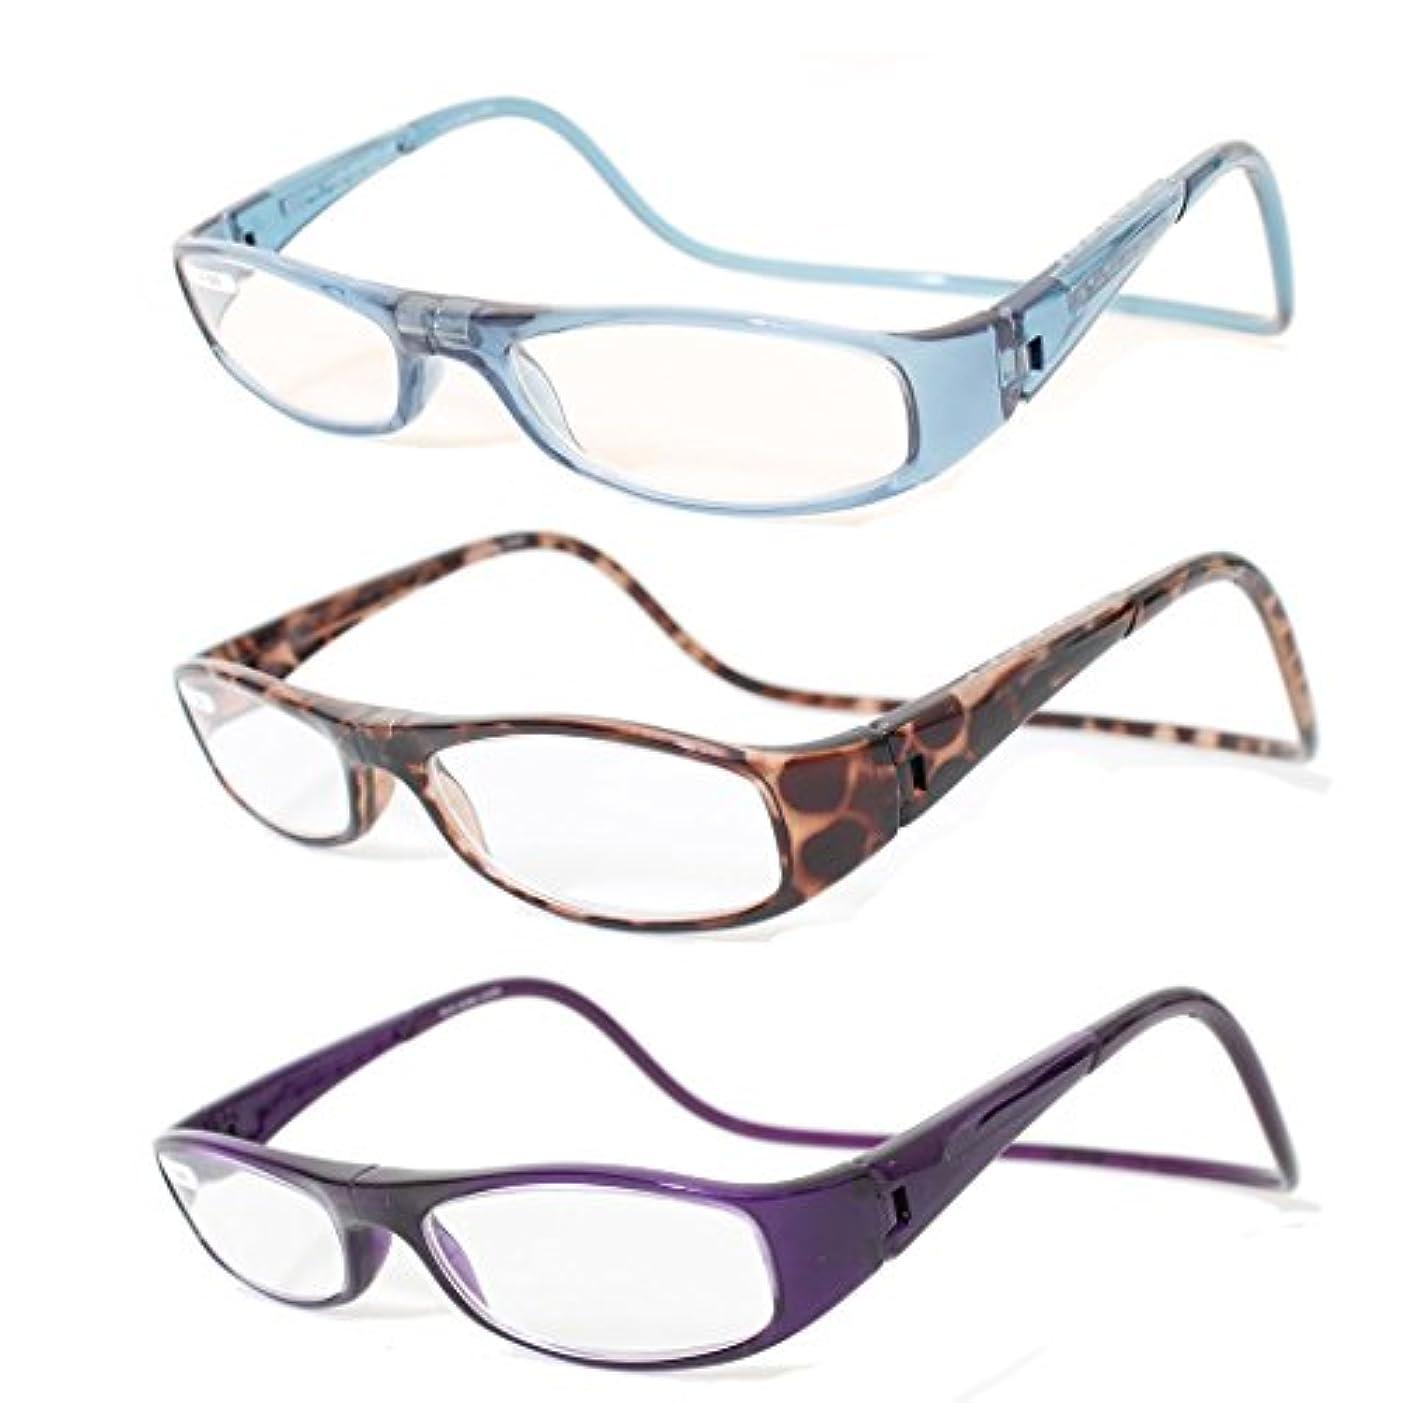 Clicleaders ユーロ +1.50 アイスバーグ クリックリーダー シニアグラス 老眼鏡